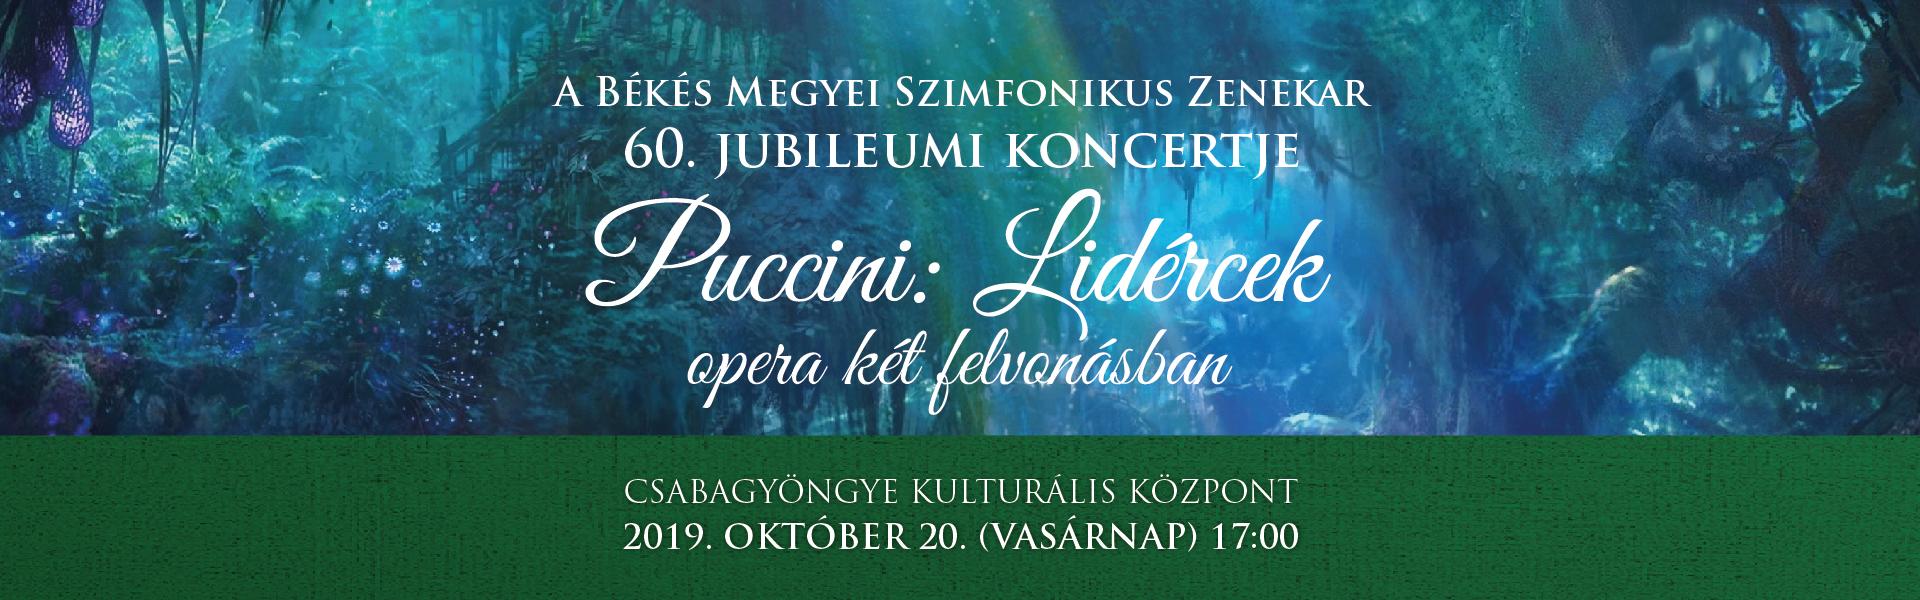 Jubileummal ünnepelnek a szimfonikusok